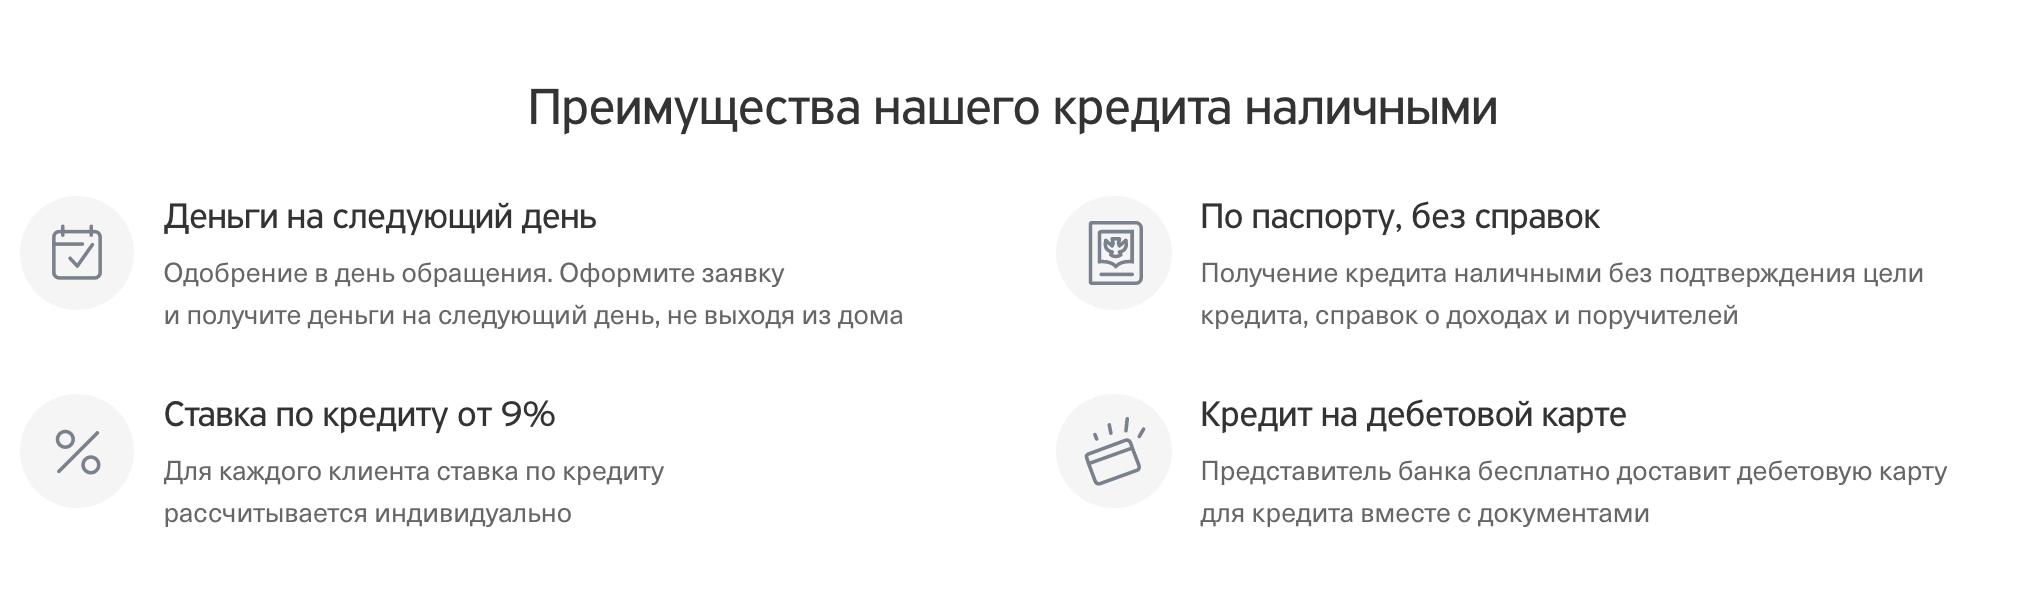 подать одну заявку во все банки на кредит наличными без справок и поручителей кредитная карта русфинанс банка онлайн заявка